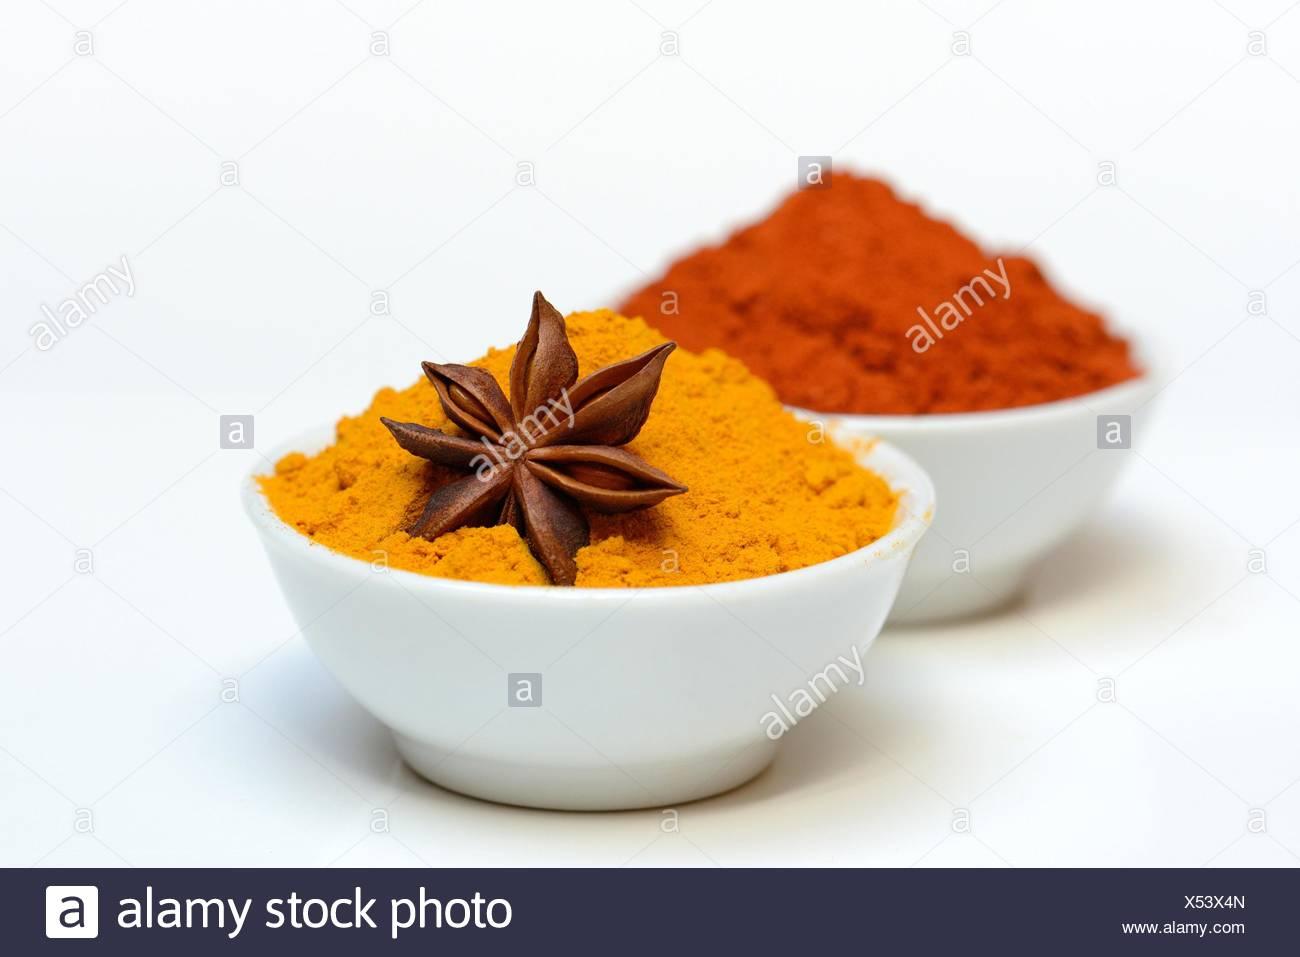 Spices, Capsicum annuum, Illicium verum, Curcuma longa - Stock Image